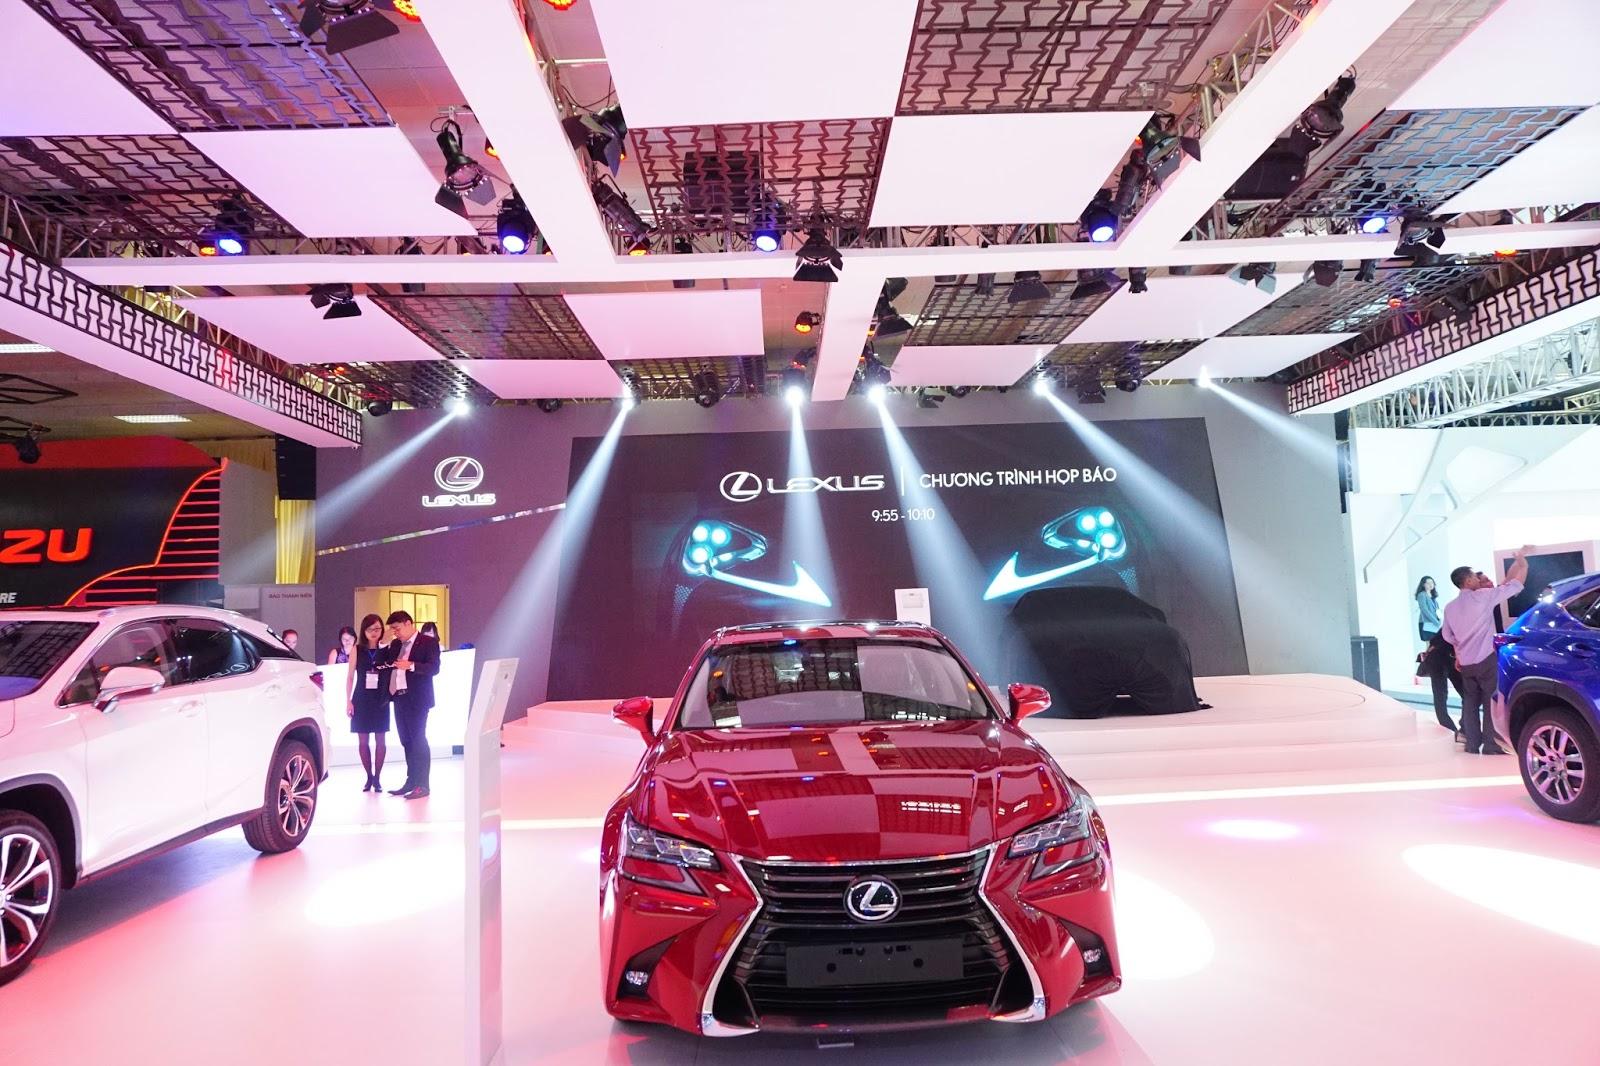 Gian hàng của Lexus, hãng xe hạng sang duy nhất năm nay